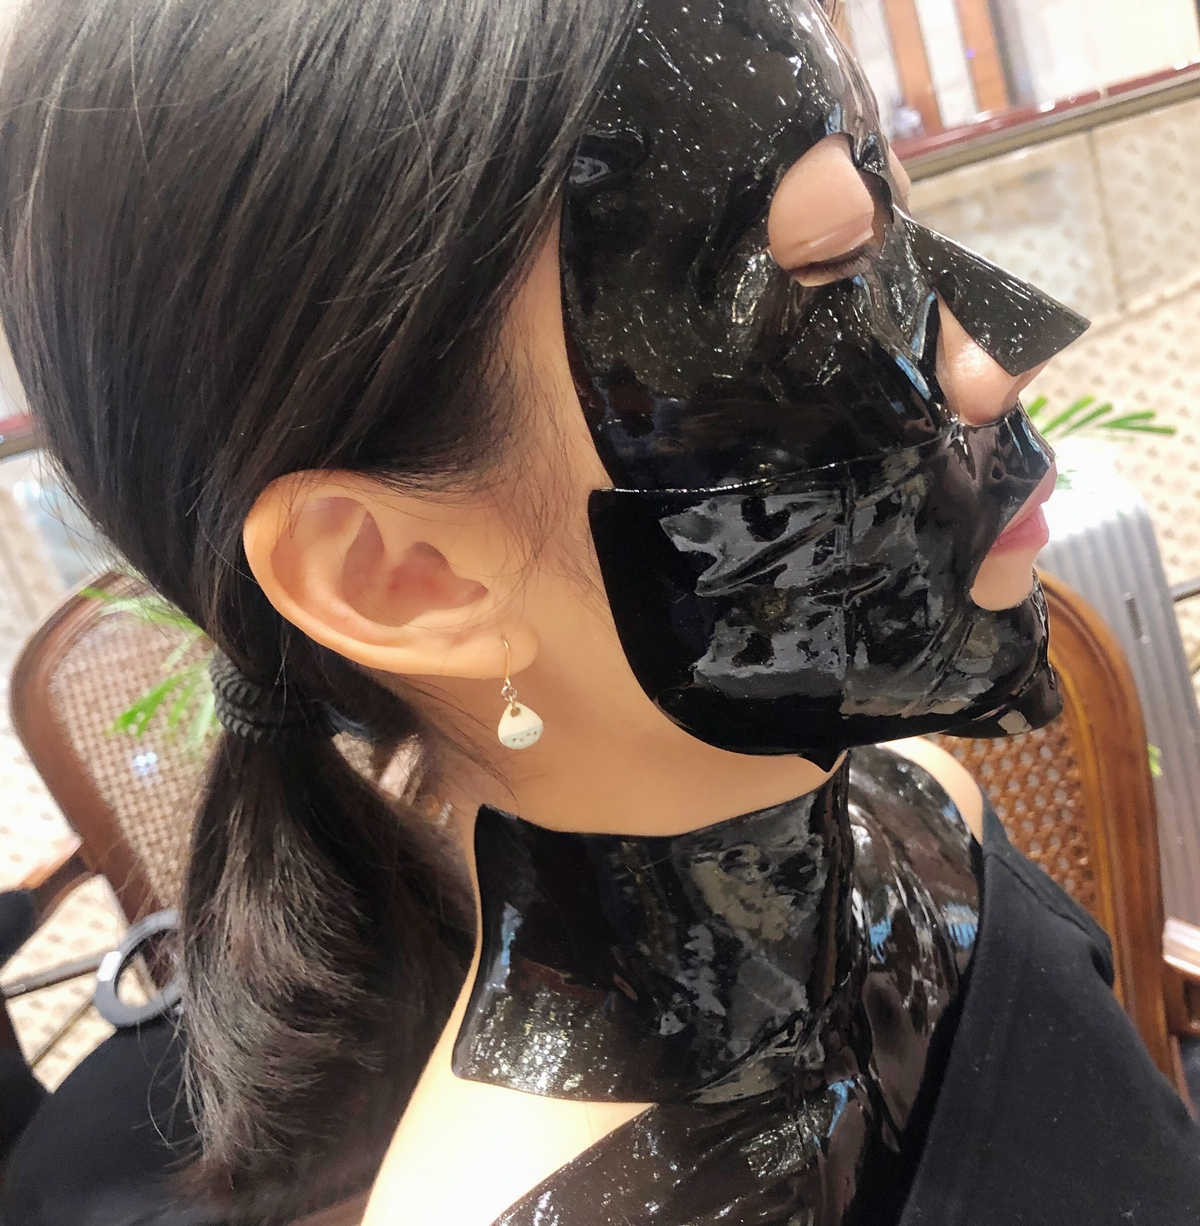 這款面膜也太酷〜幫你從前胸到臉都緊緊包覆,水凝膠質地有滿滿黑鑽奈米微粒,一敷就有感,難怪維密天使個個讚譽有加